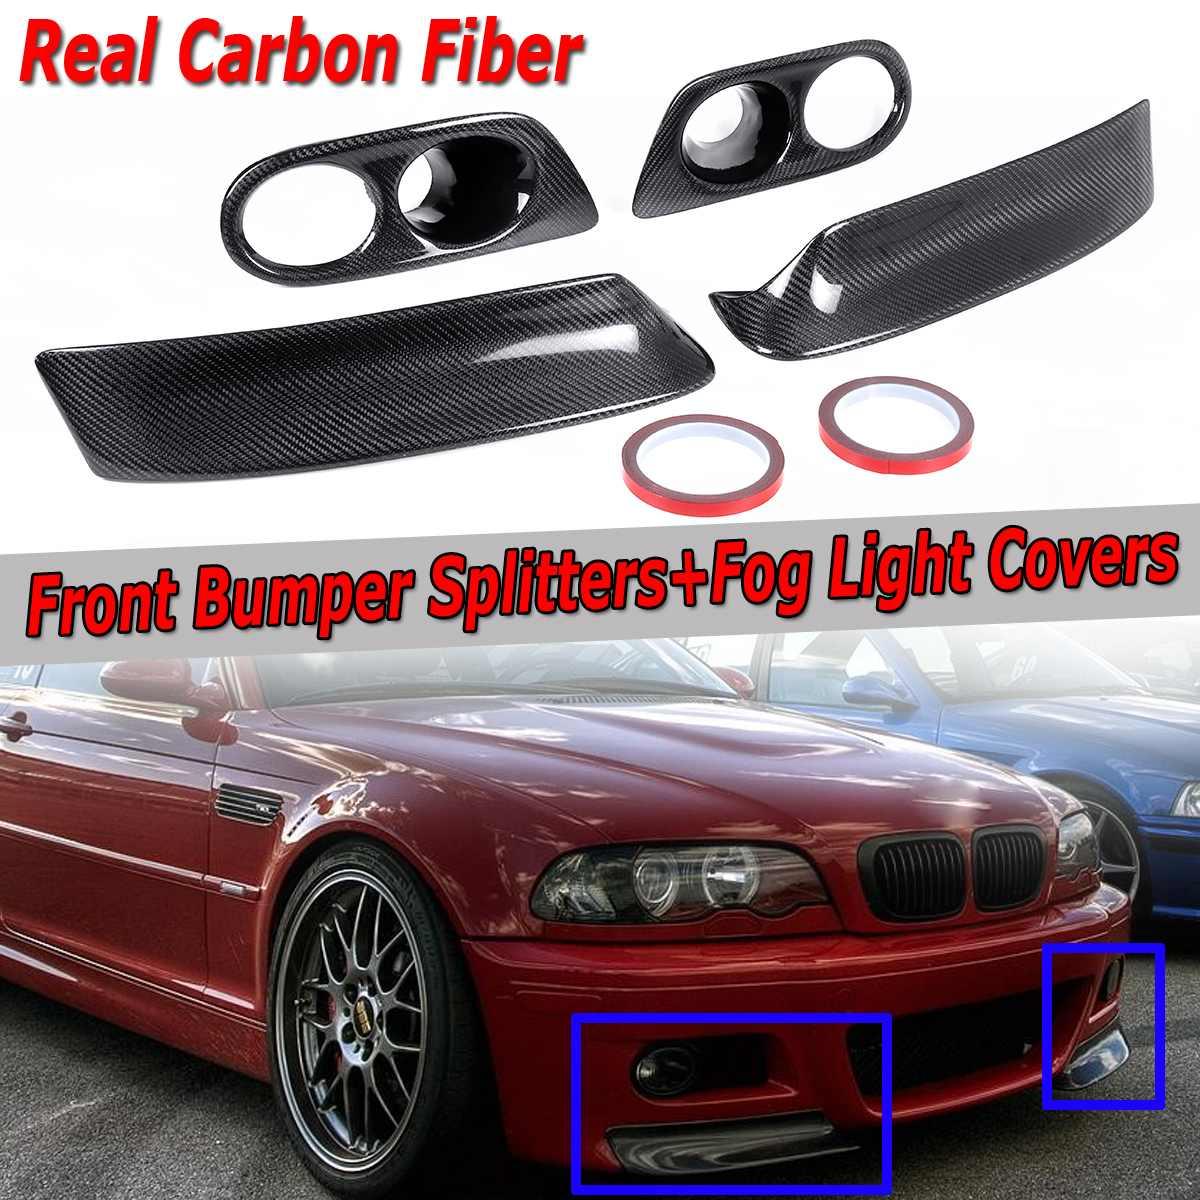 Pour BMW E46 M3 2001-2006 CSL Style voiture pare-choc avant lèvre séparateur + couvercle anti-brouillard avant pare-chocs Spoiler couverture vraie Fiber de carbone